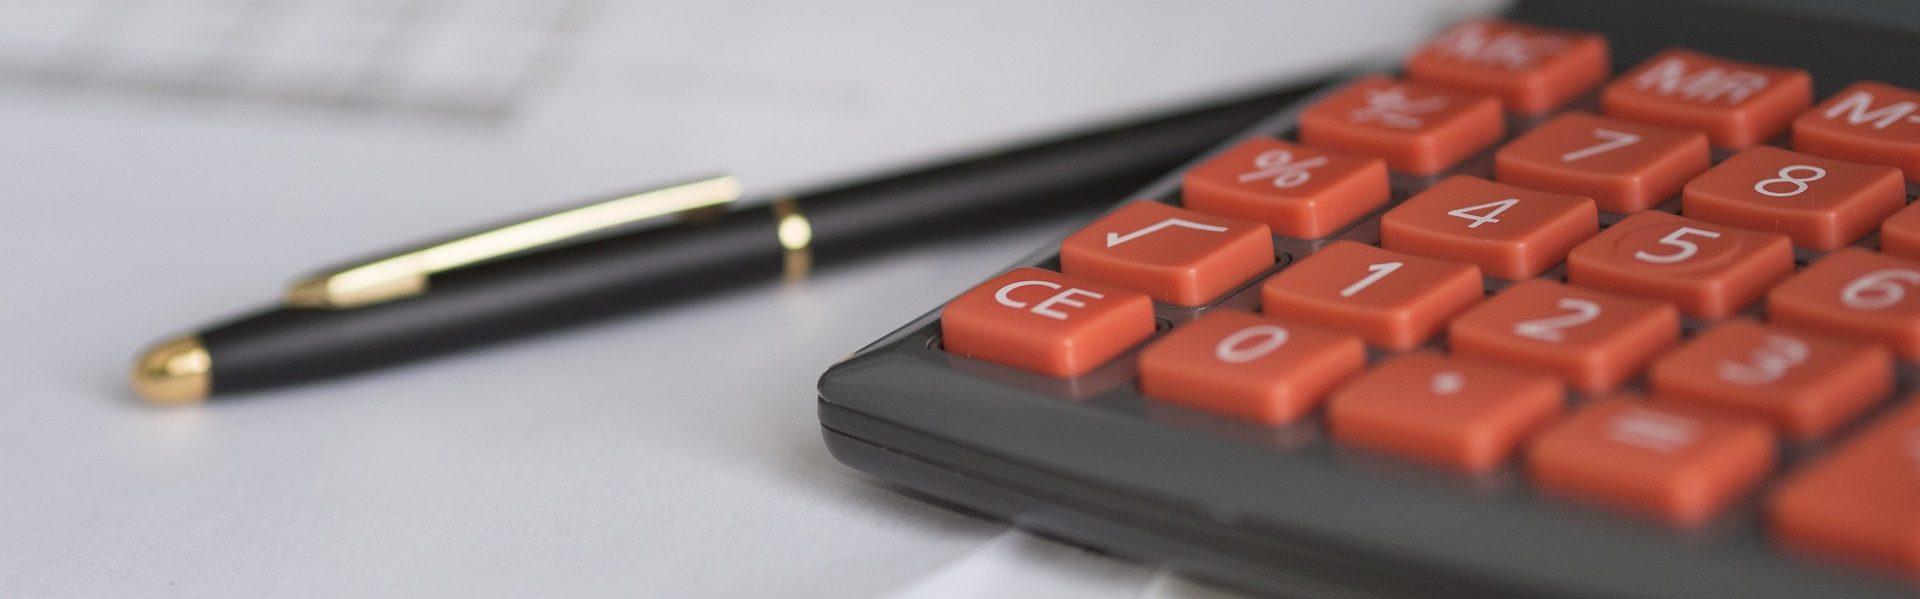 e-BizCom | Programy i Ebooki Finansowe | finanse przedsiębiorstwa, analiza finansowa, ocena inwestycji, rachunek przepływów pieniężnych, prognozowanie finansowe i wycena spółek